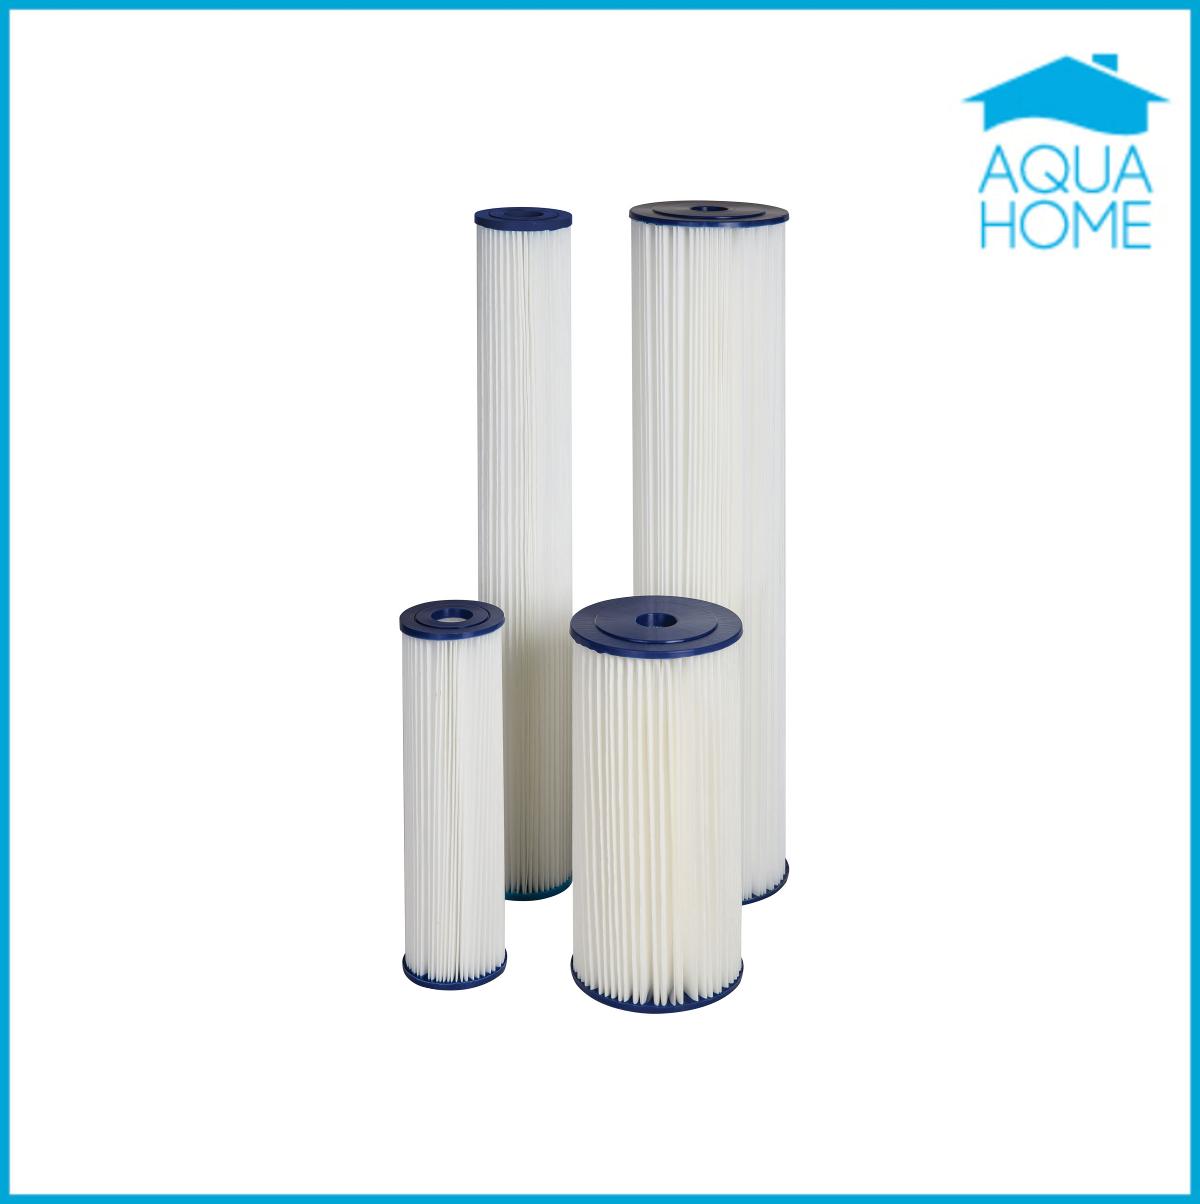 Картридж для промывного фильтра 10ВВ, 5 и 20 микрон Aquafilter  FCCEL5M10B - Аквадом  фильтры для очистки воды,насосы для воды, увлажнители,отопление,химия для бассейнов в Харькове